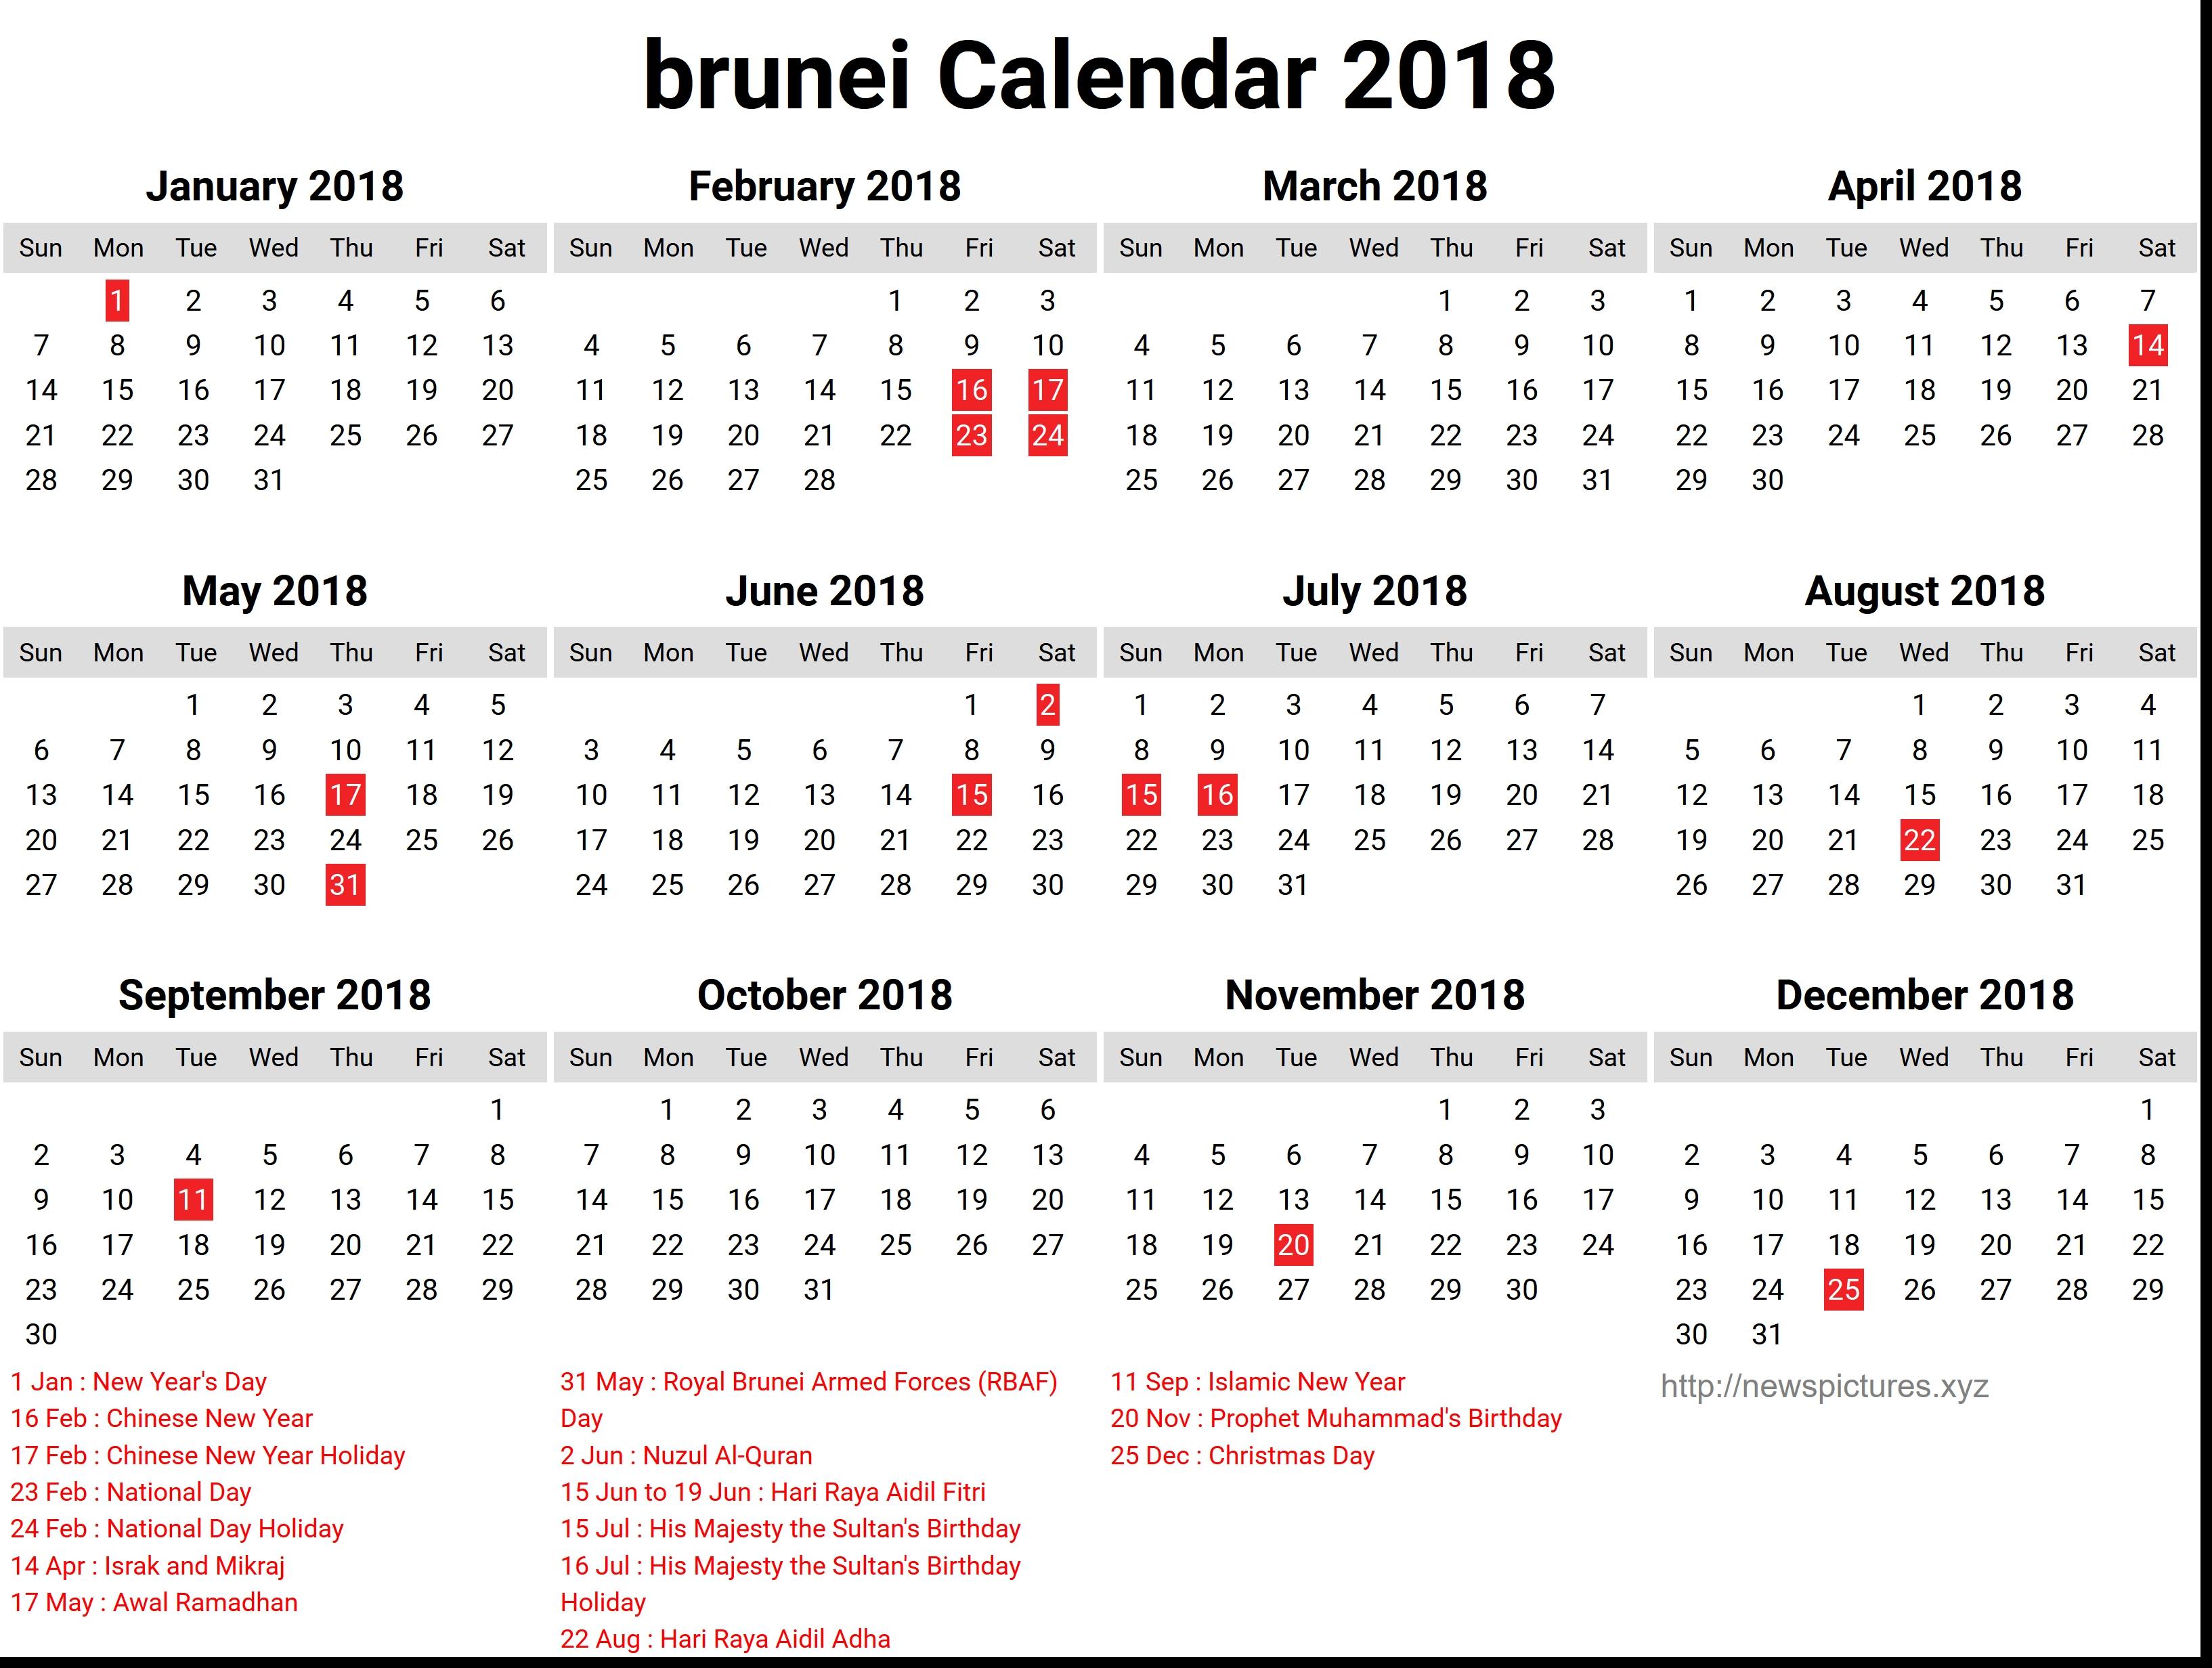 june 2018 calendar with holidays usa calendar 2018 printable 2018 Calendar With Holidays Usa Printable erdferdf